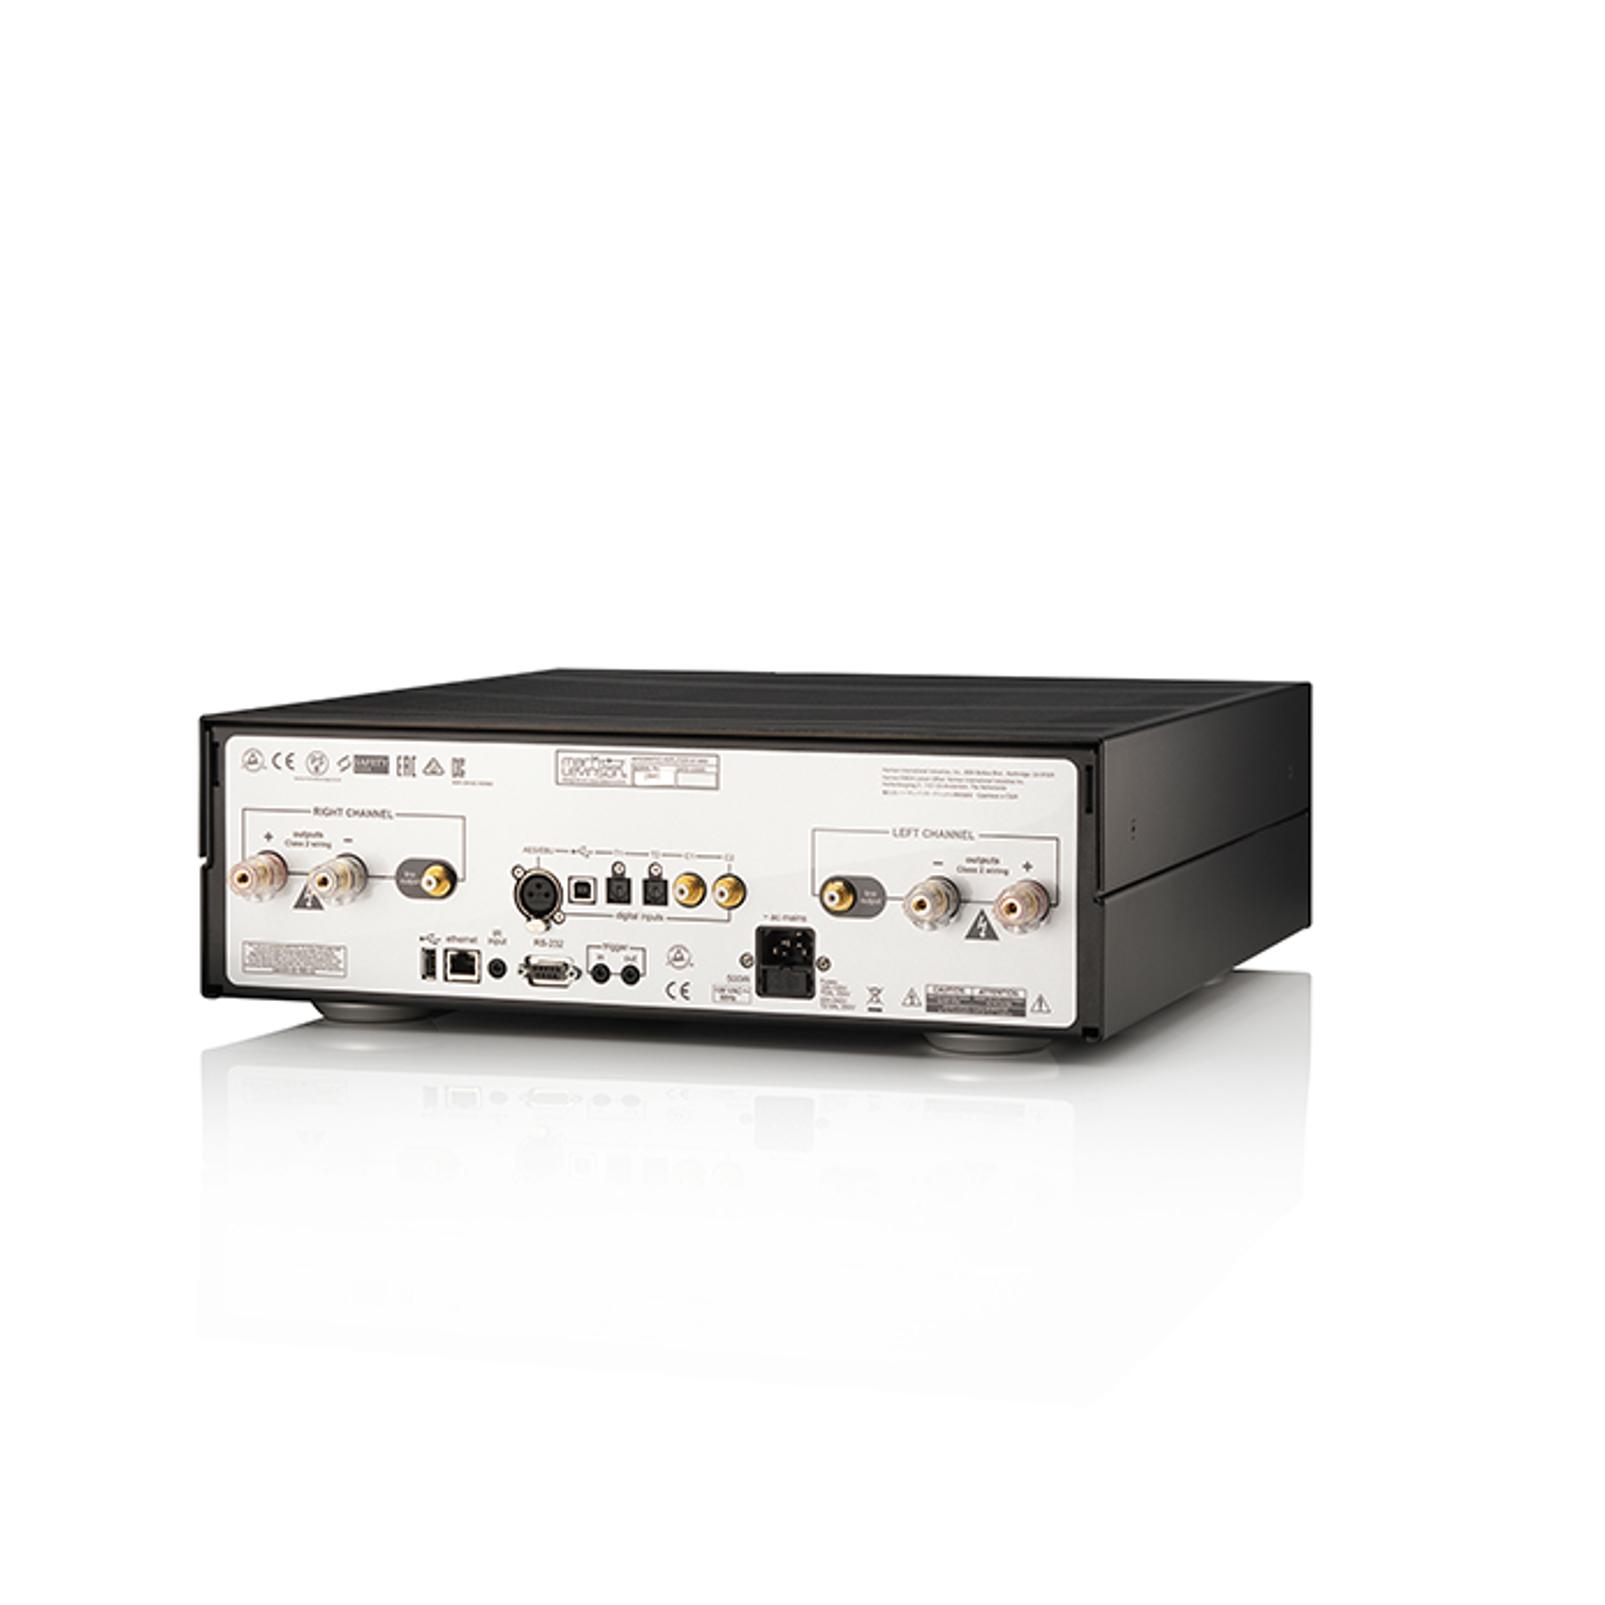 № 5802 - Black / Silver - Integrated Amplifier for Digital sources - Detailshot 1